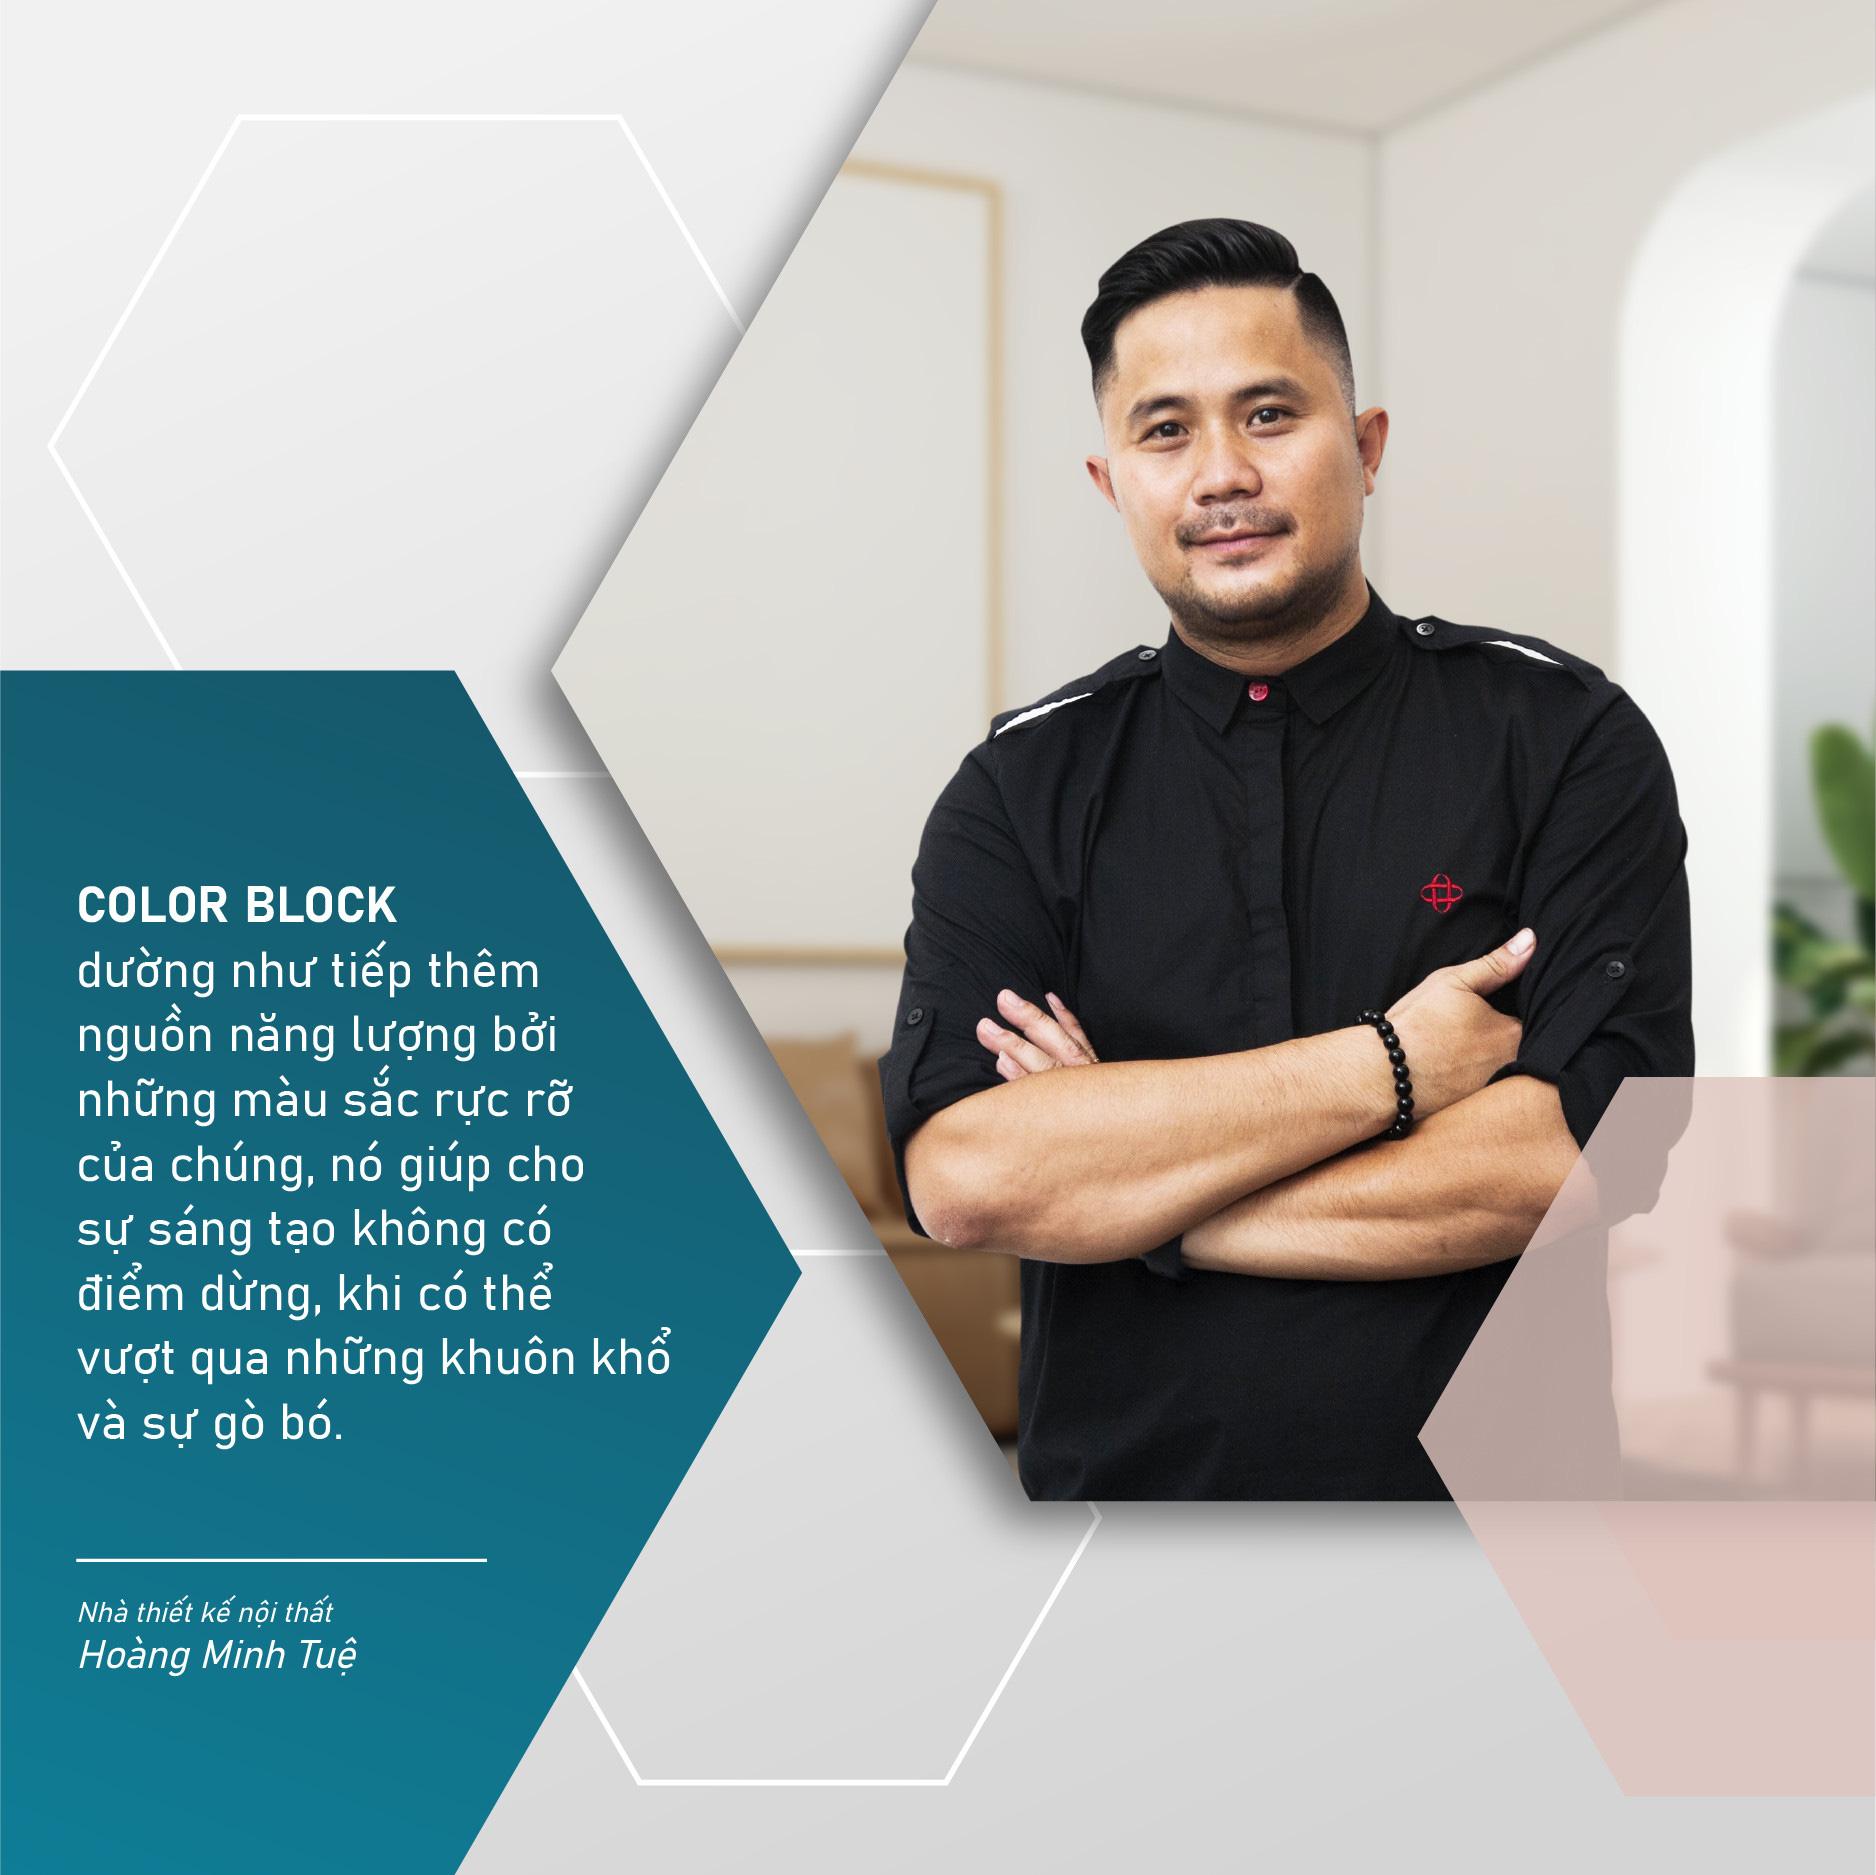 Vì sao giới trẻ yêu thích xu hướng Color Block? - Ảnh 5.